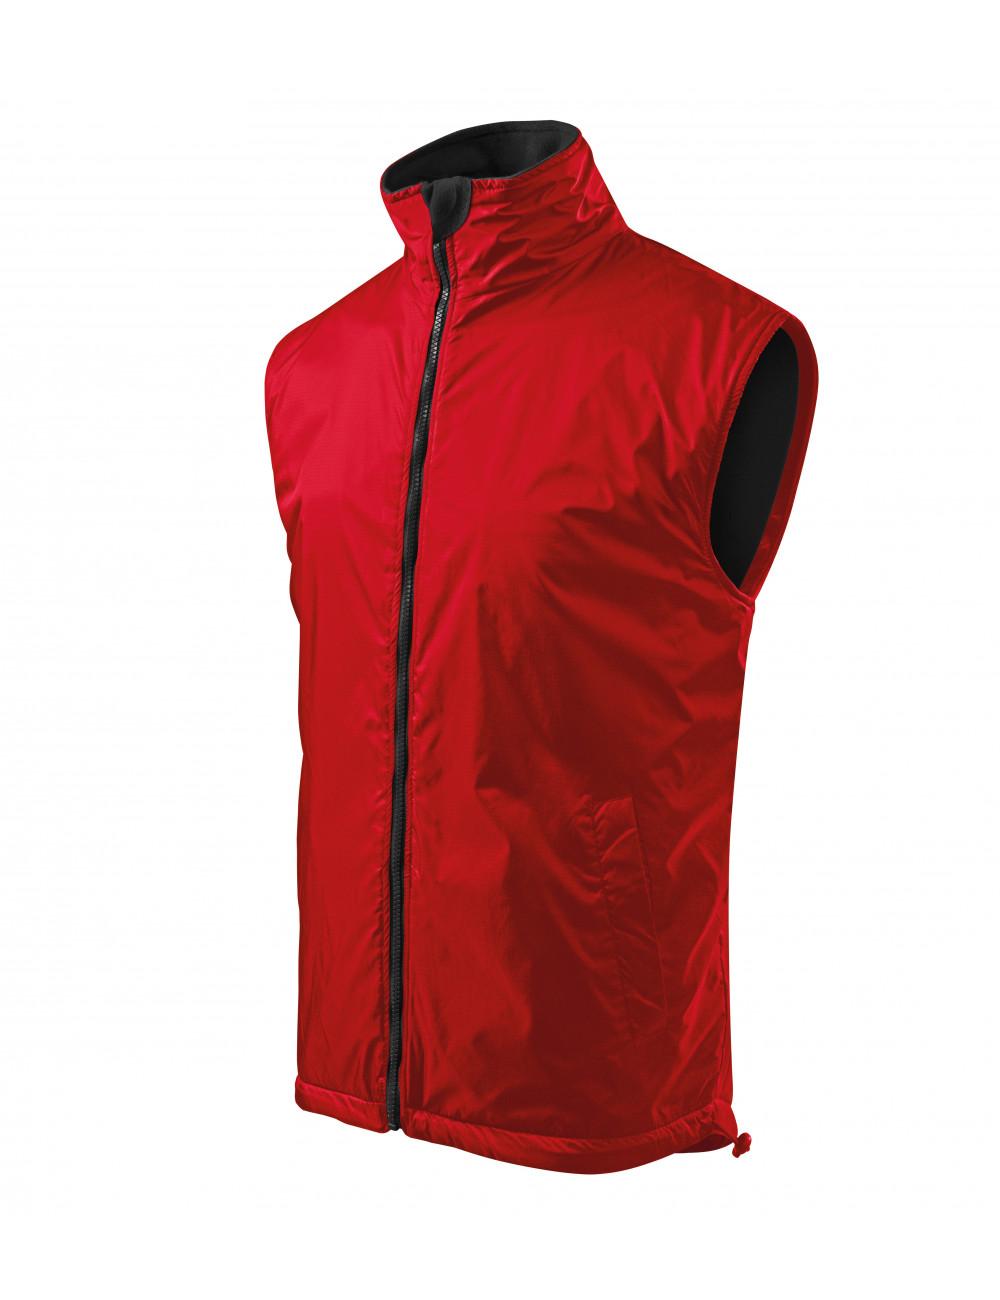 Adler MALFINI Kamizelka męska Body Warmer 509 czerwony